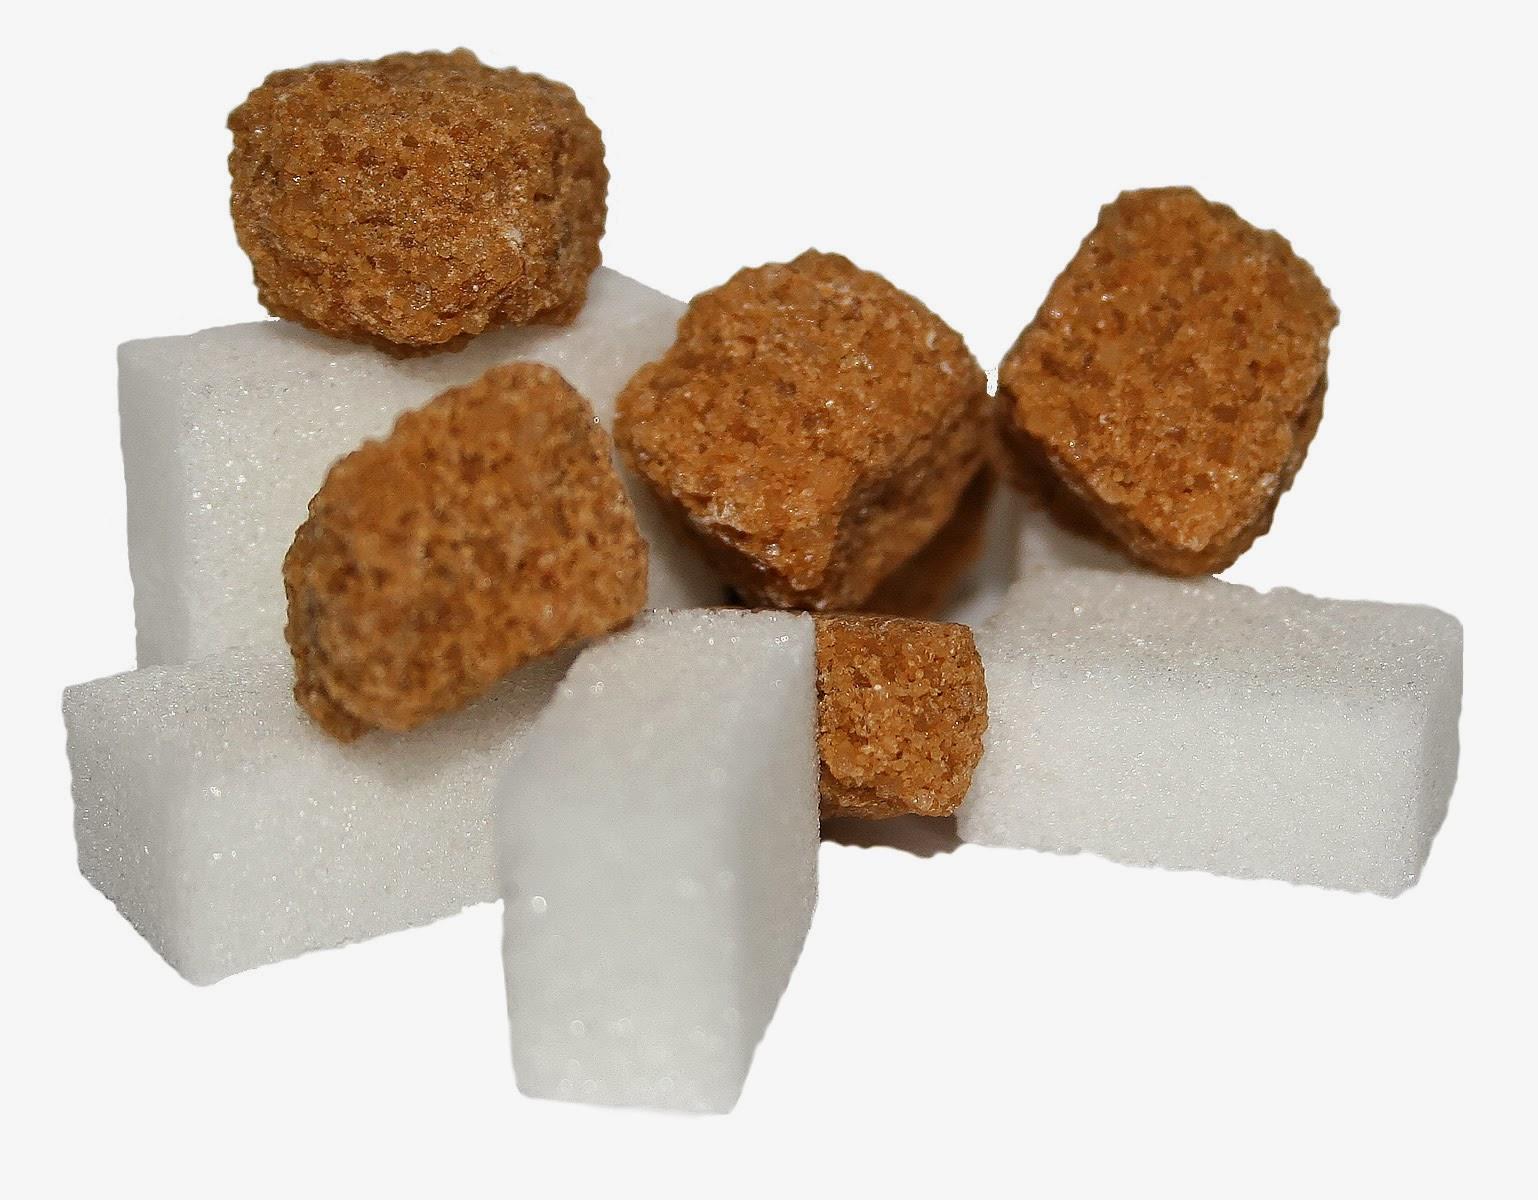 Terrones de azúcar blanco y azúcar moreno